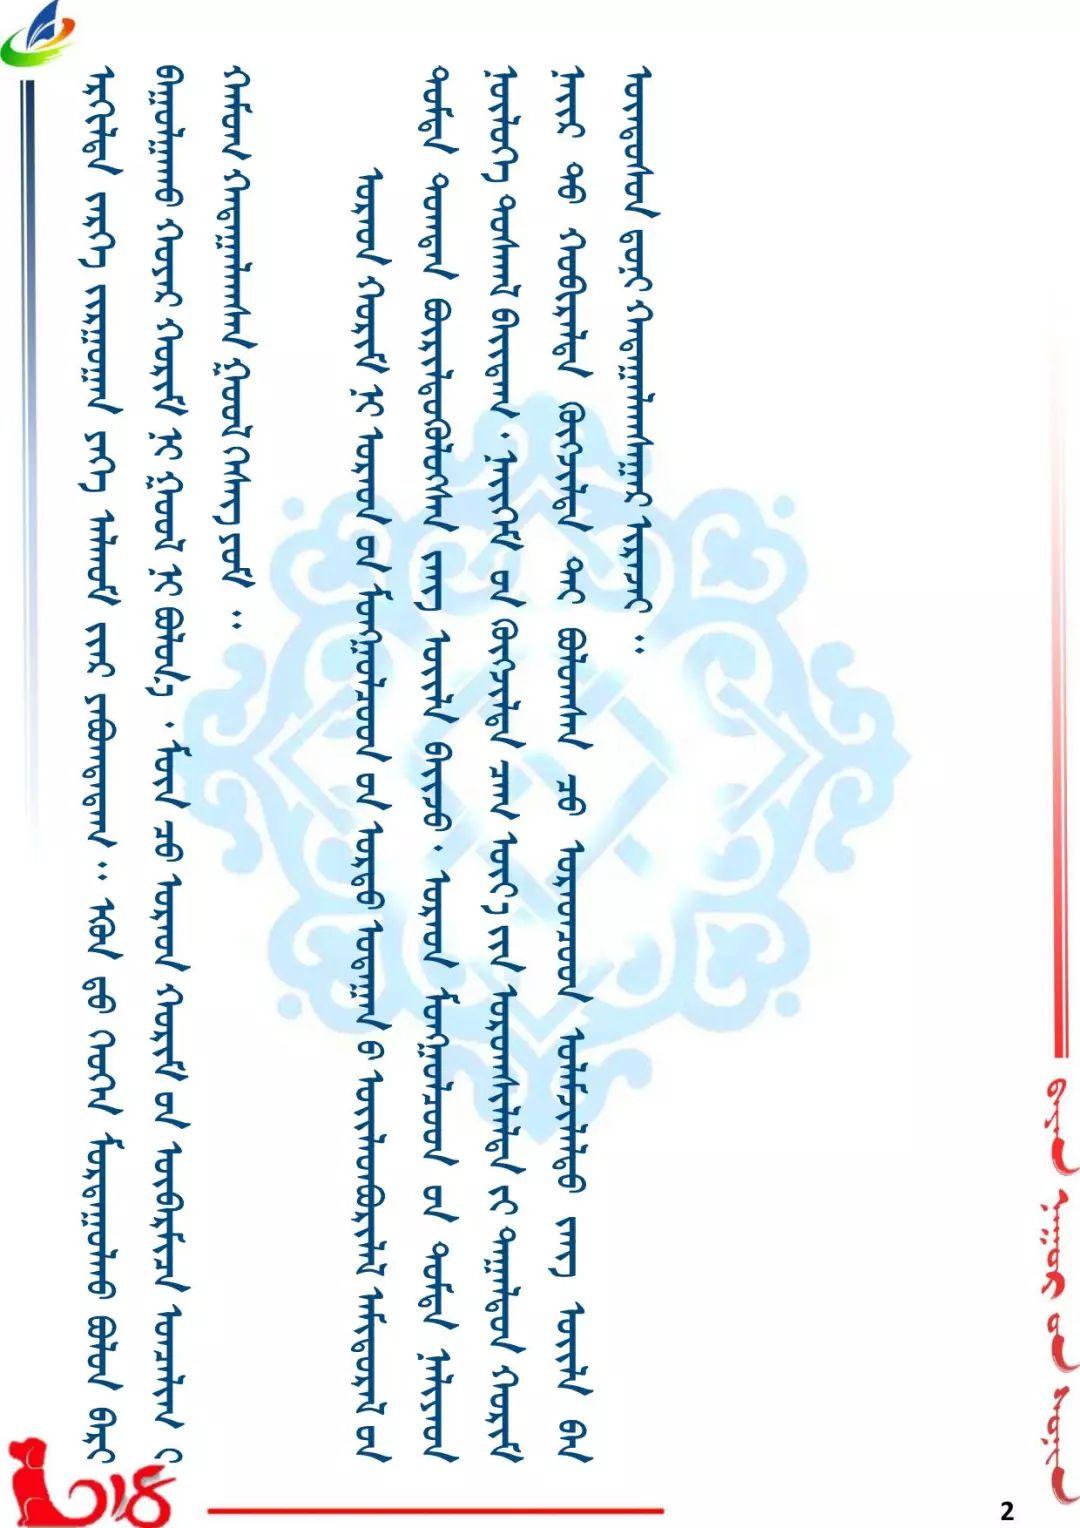 【乌拉特文化】自治区级非物质文化遗产——乌拉特婚礼 第5张 【乌拉特文化】自治区级非物质文化遗产——乌拉特婚礼 蒙古文化